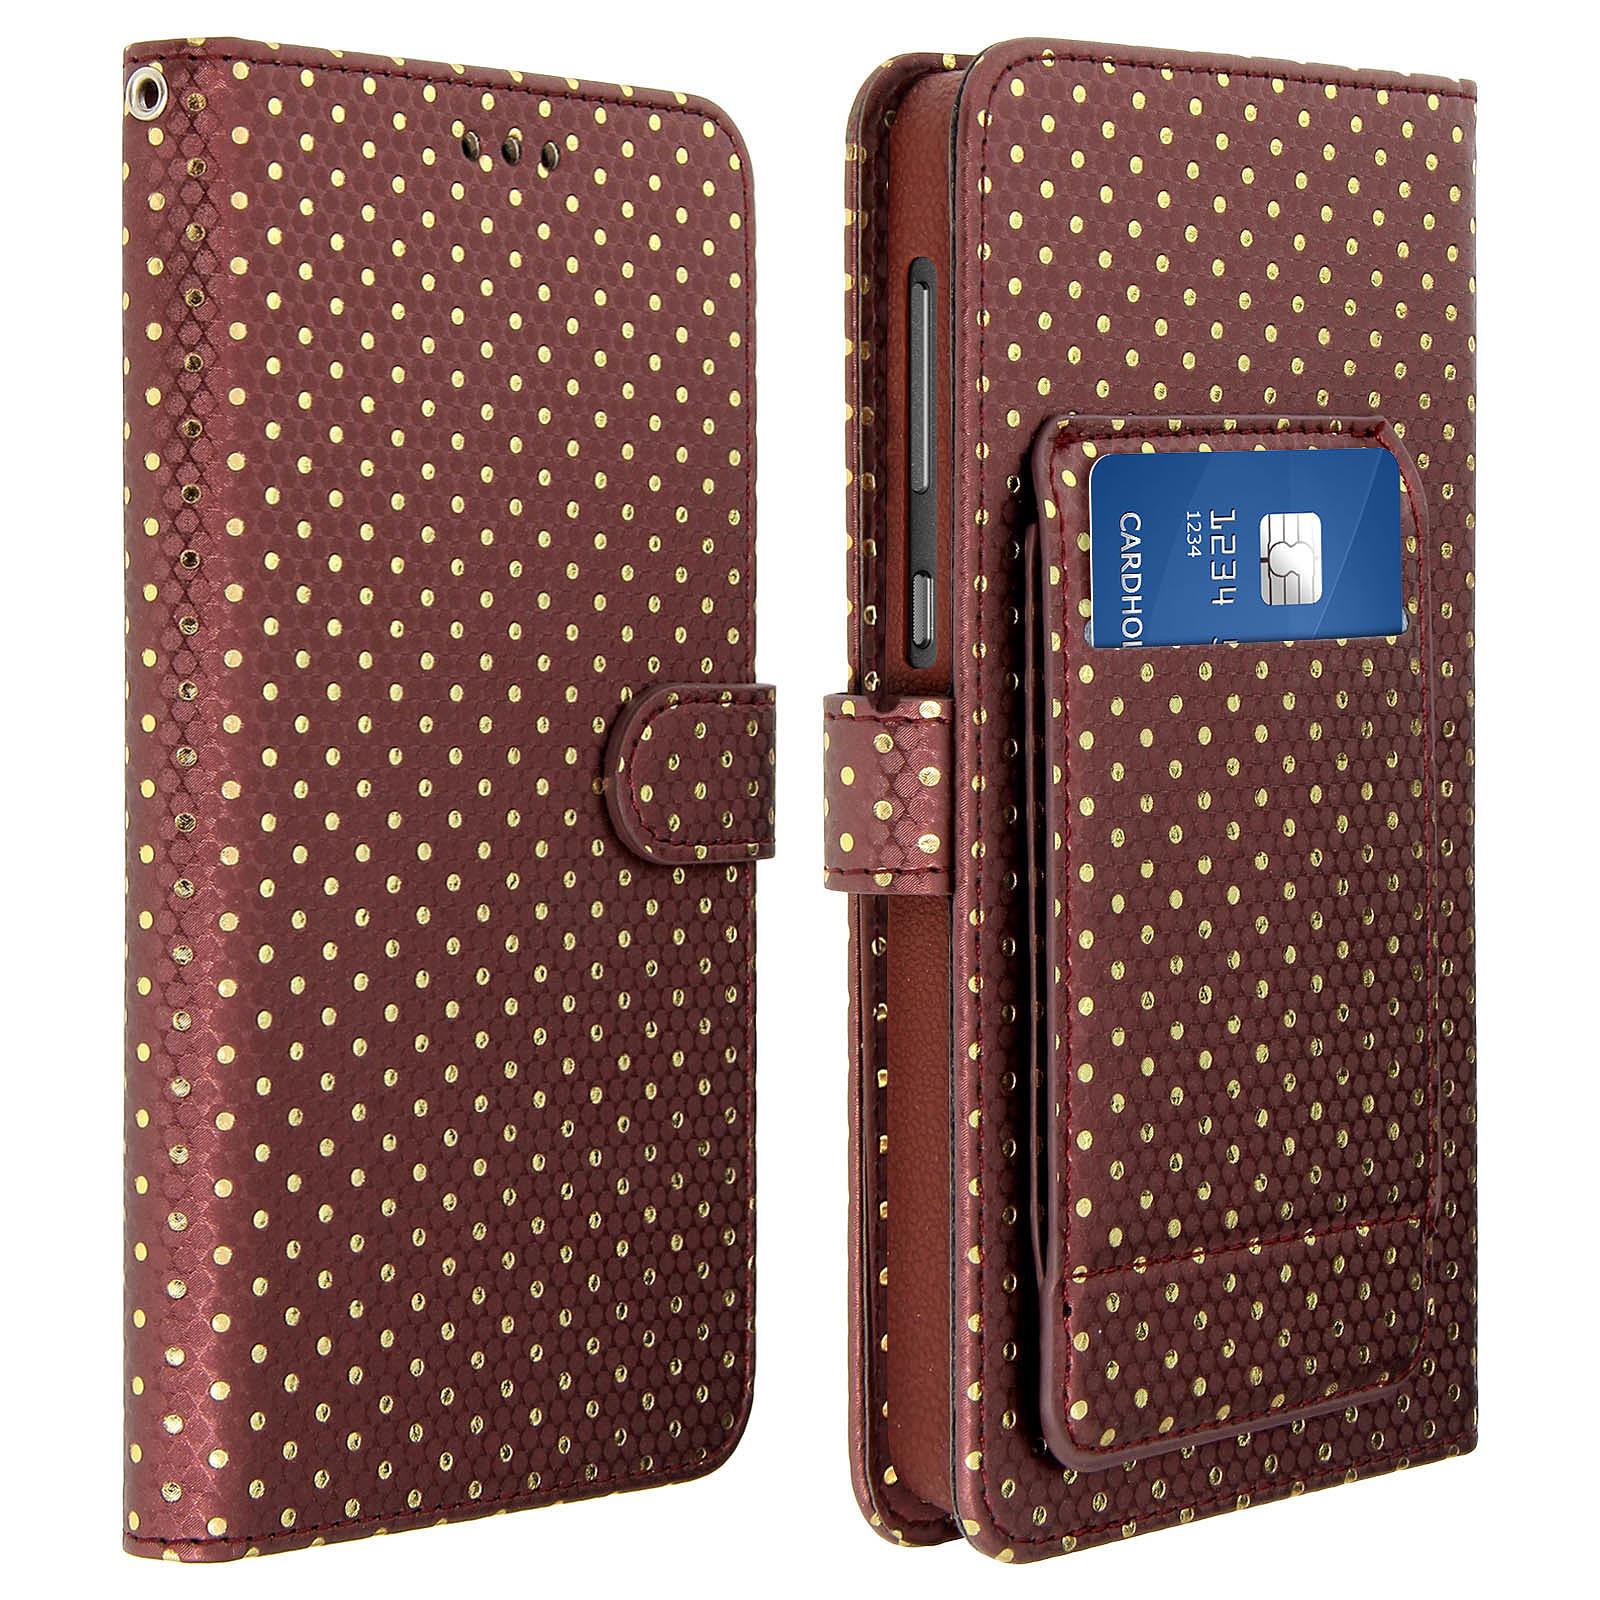 Avizar Etui folio Marron pour Smartphones de 5.0' à 5.3'